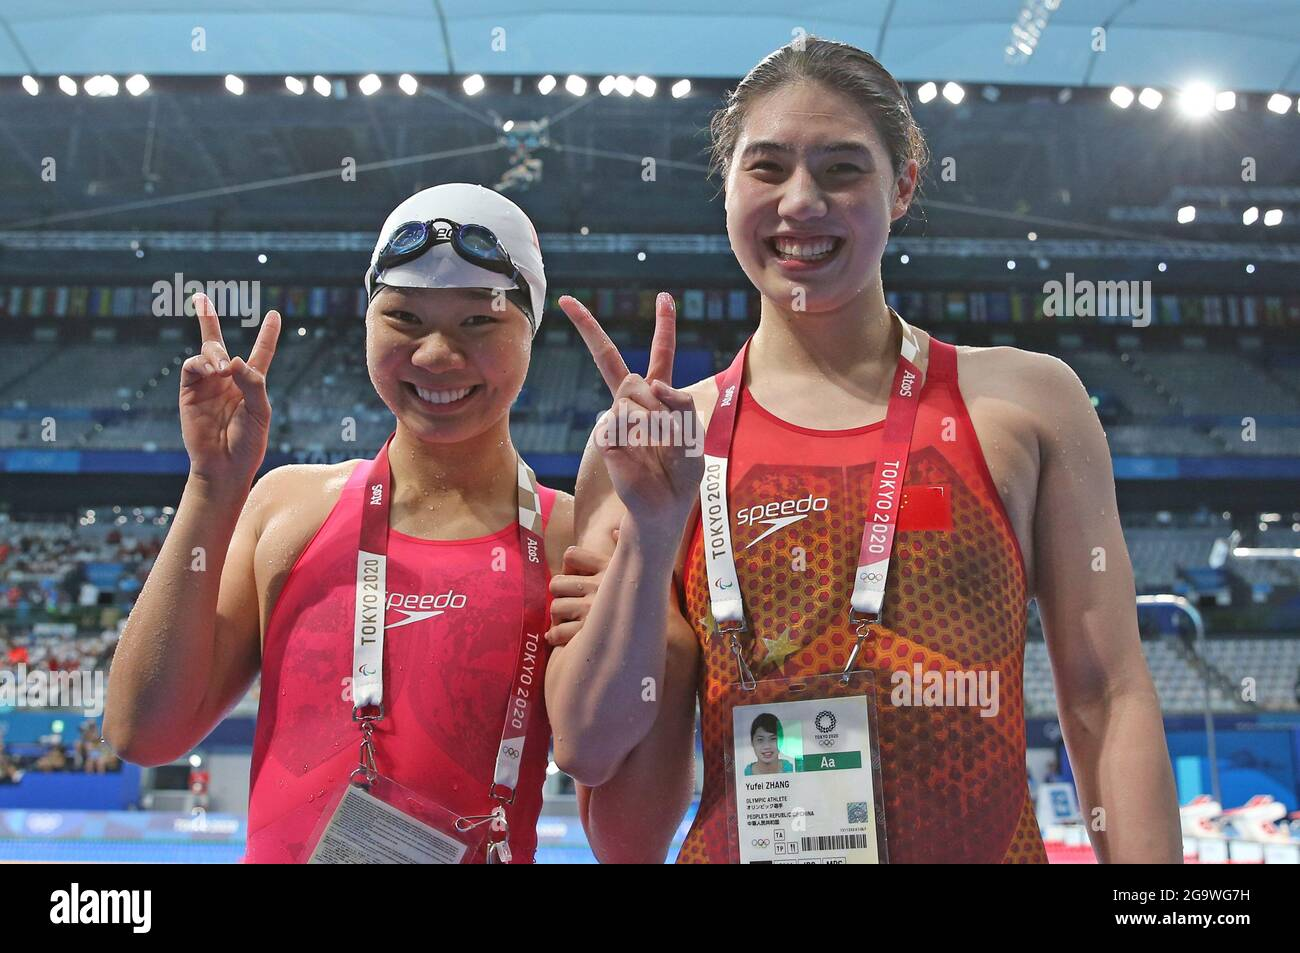 Tokio, Japón. 28th de julio de 2021. Zhang Yufei (R) y Yu Liyan de China posan después de la semifinal de mariposa femenina de 200m en los Juegos Olímpicos de Tokio 2020 en Tokio, Japón, 28 de julio de 2021. Crédito: Ding Xu/Xinhua/Alamy Live News Foto de stock